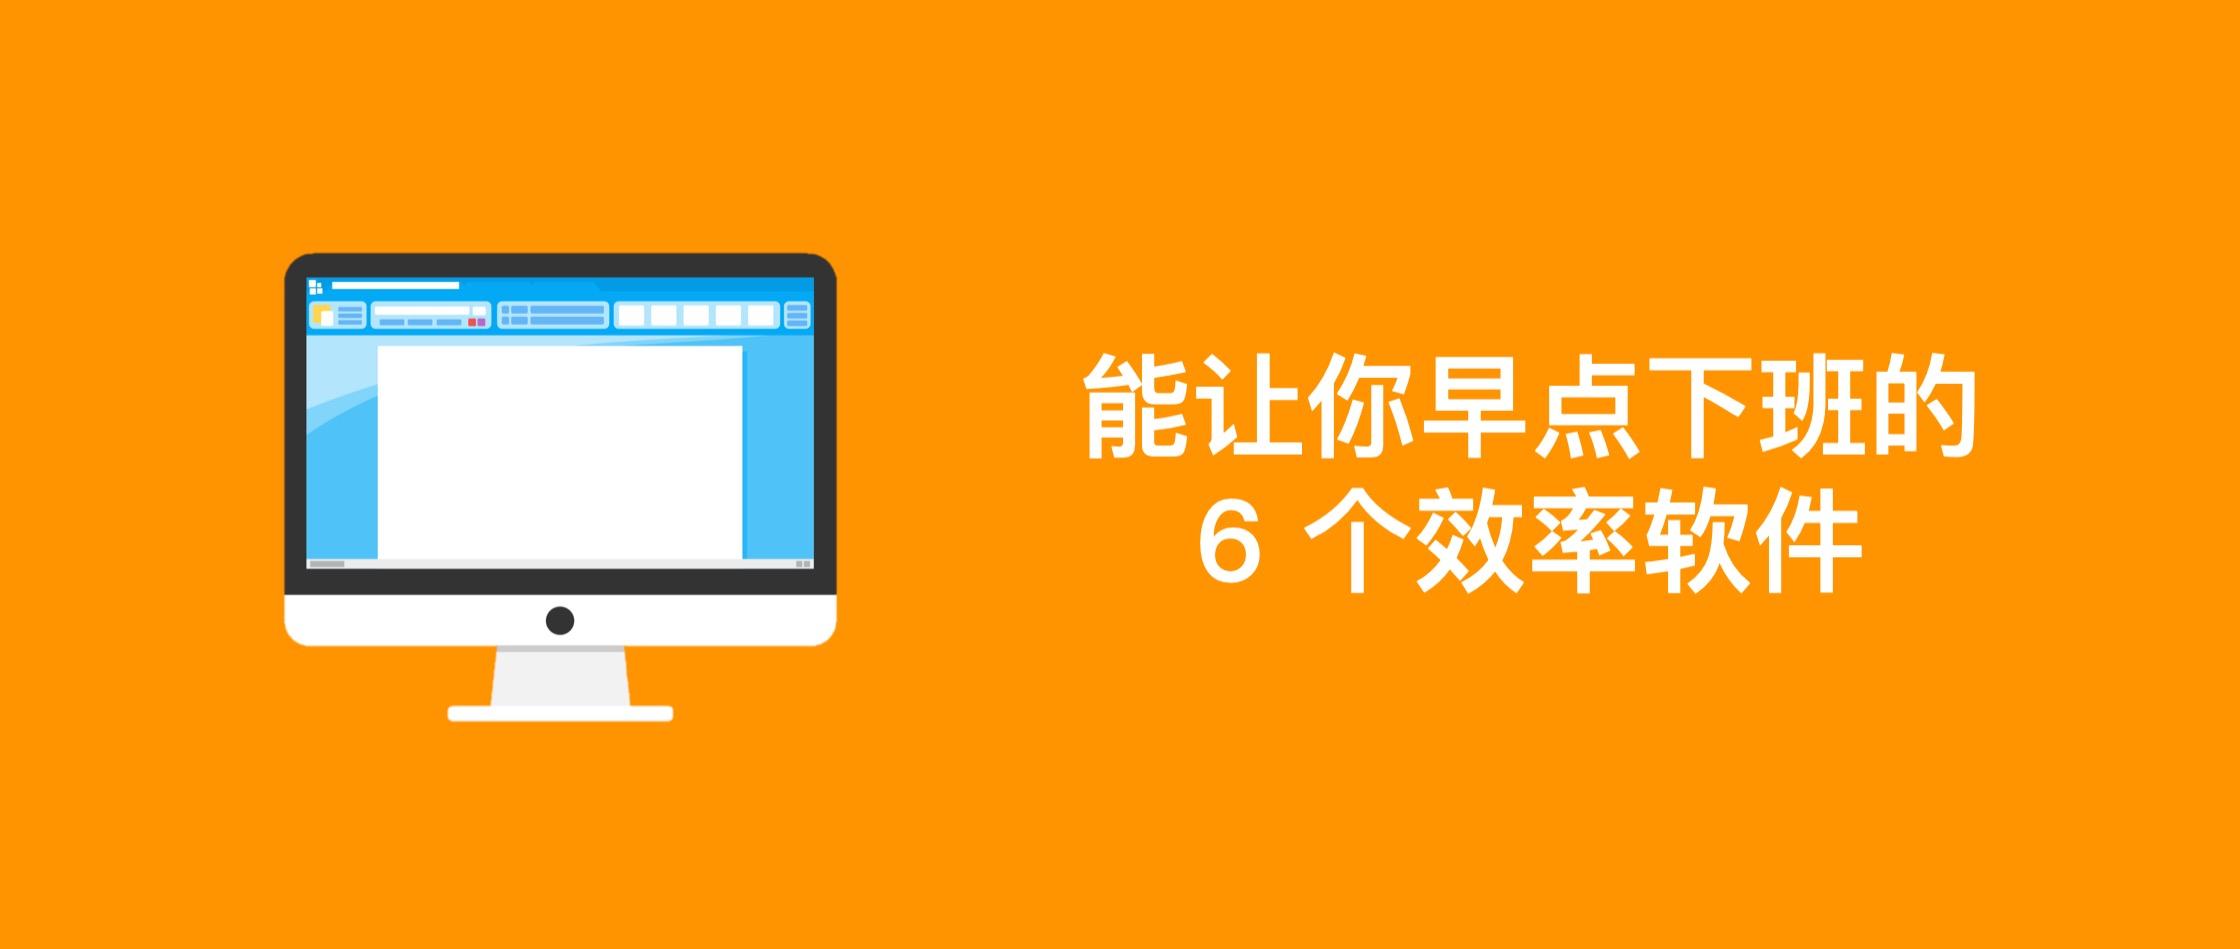 能让你早点下班的 6 个效率软件推荐